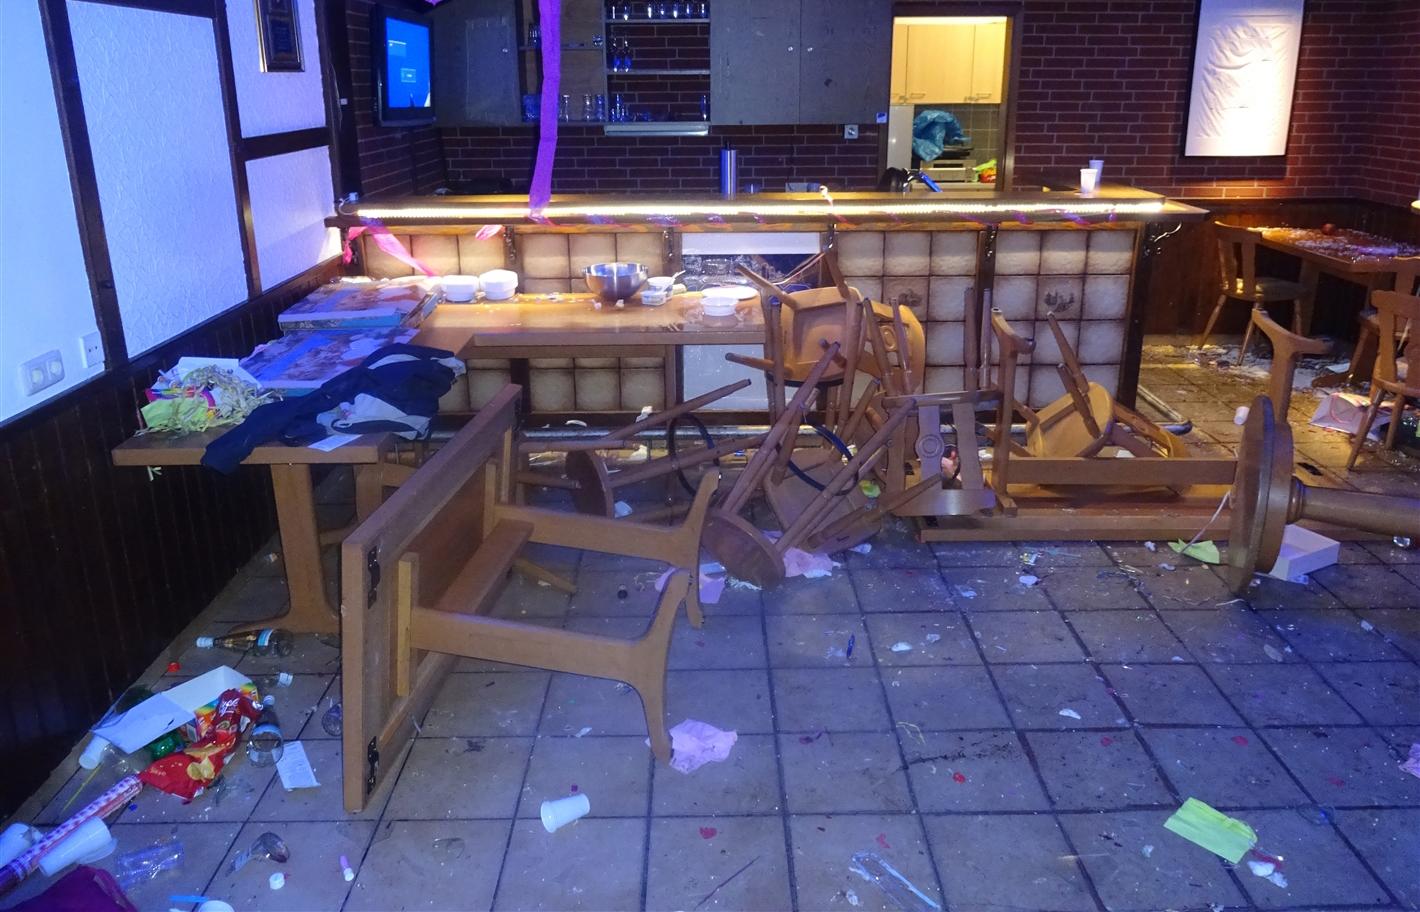 Überfall in Bochumer Vereinsheim: Auch Geburtstagsgeschenke gestohlen Foto: Polizei Bochum